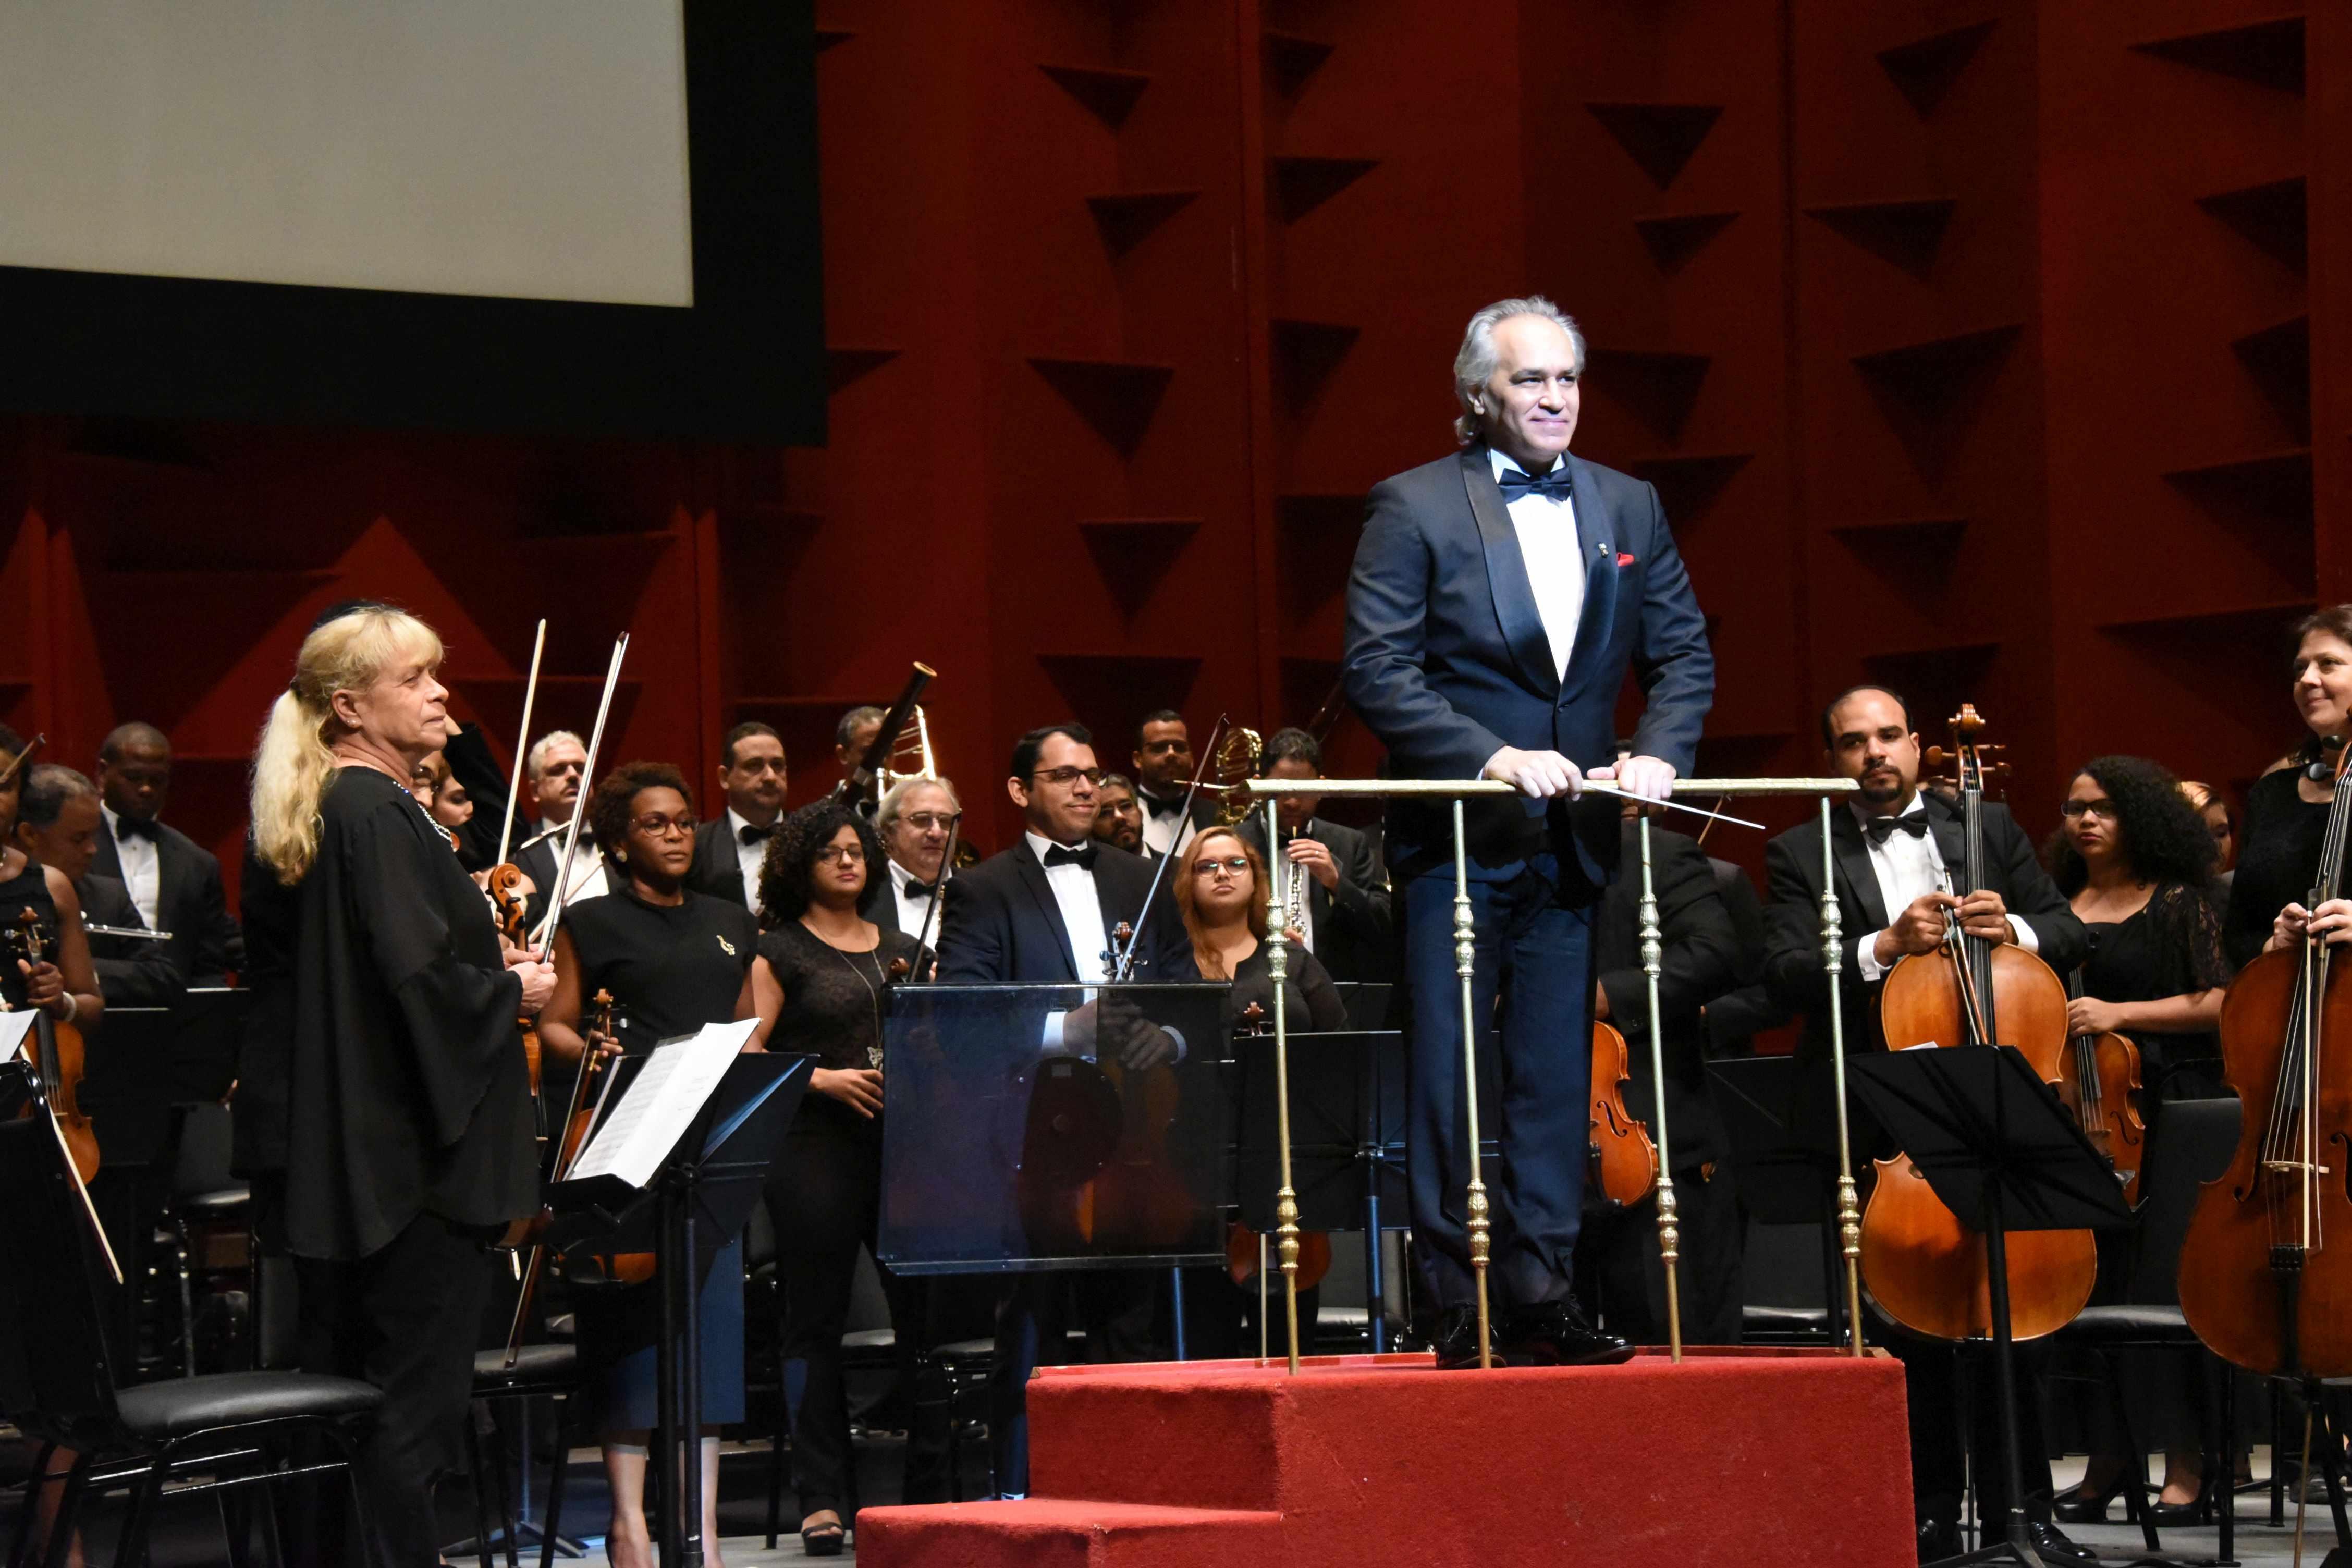 La Orquesta Sinfónica Nacional ofrece concierto